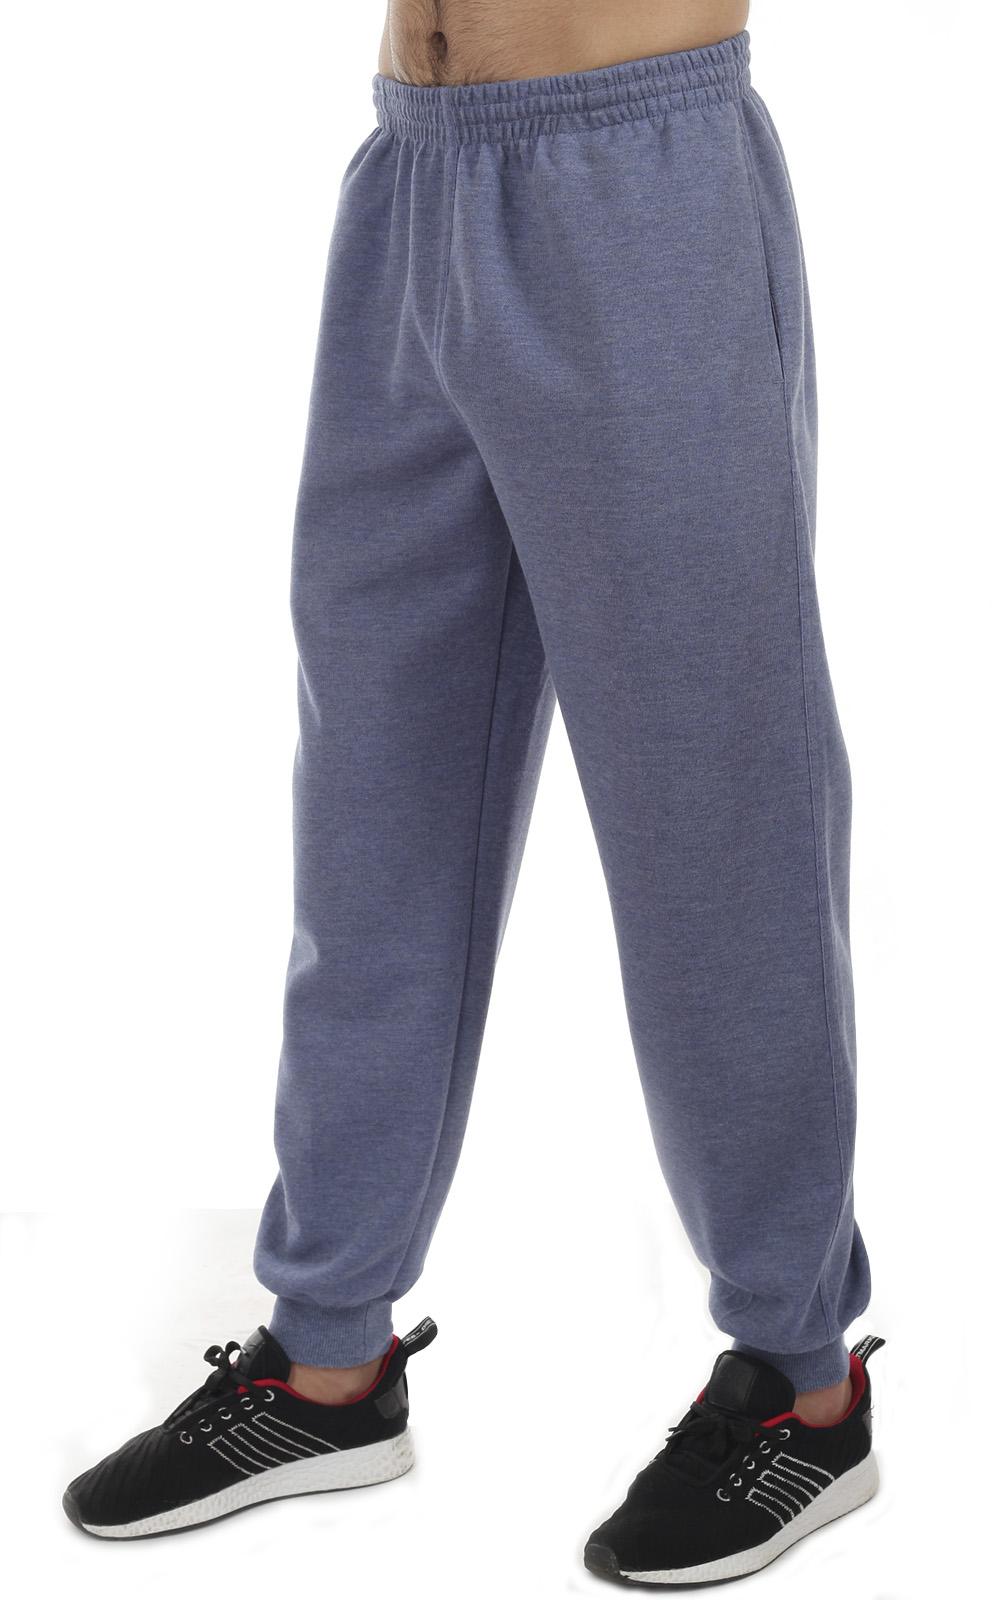 Купить в интернет магазине обычные серые спортивные штаны для мужчин